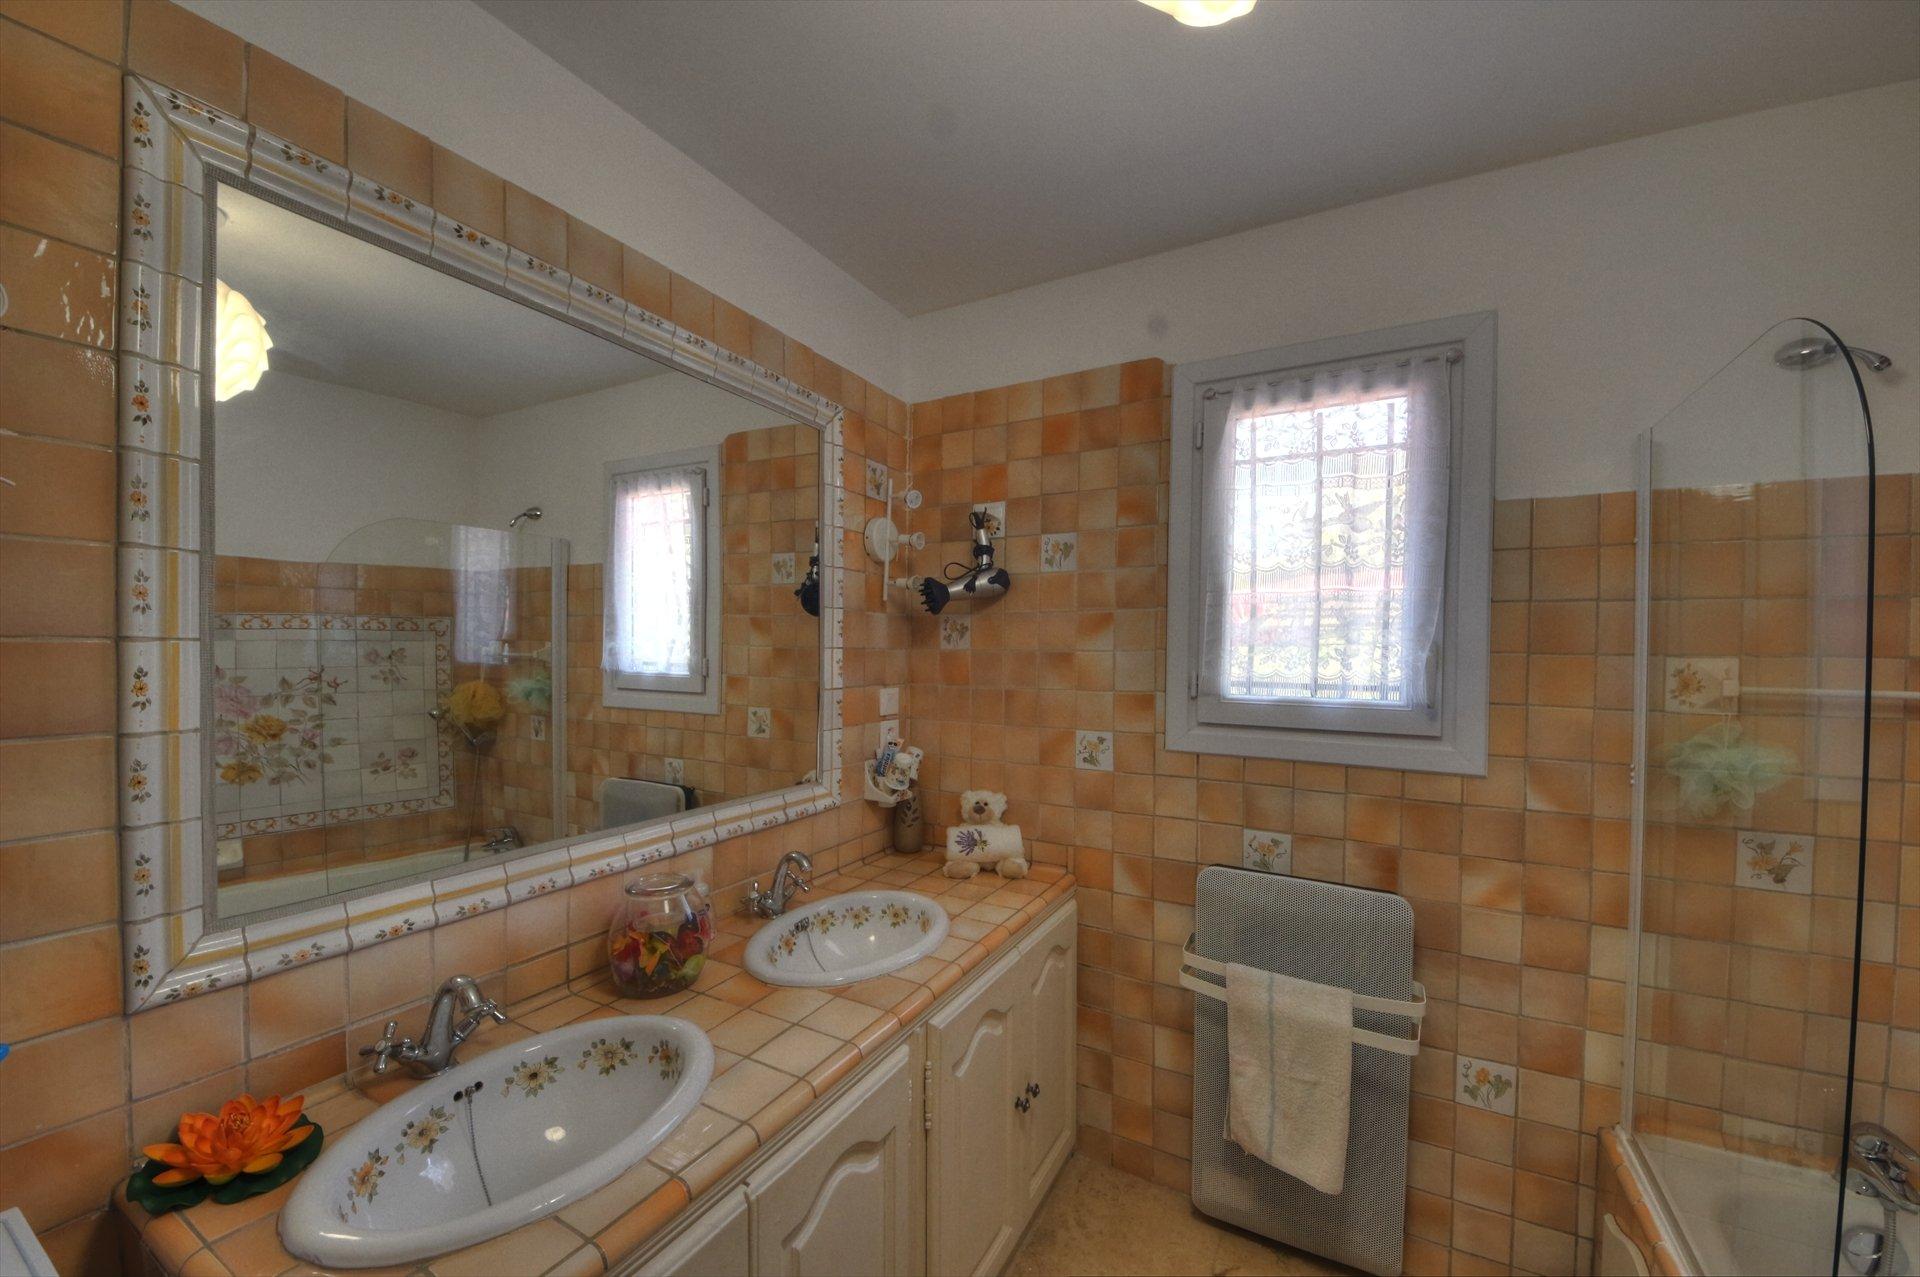 salle de bain de la première maison